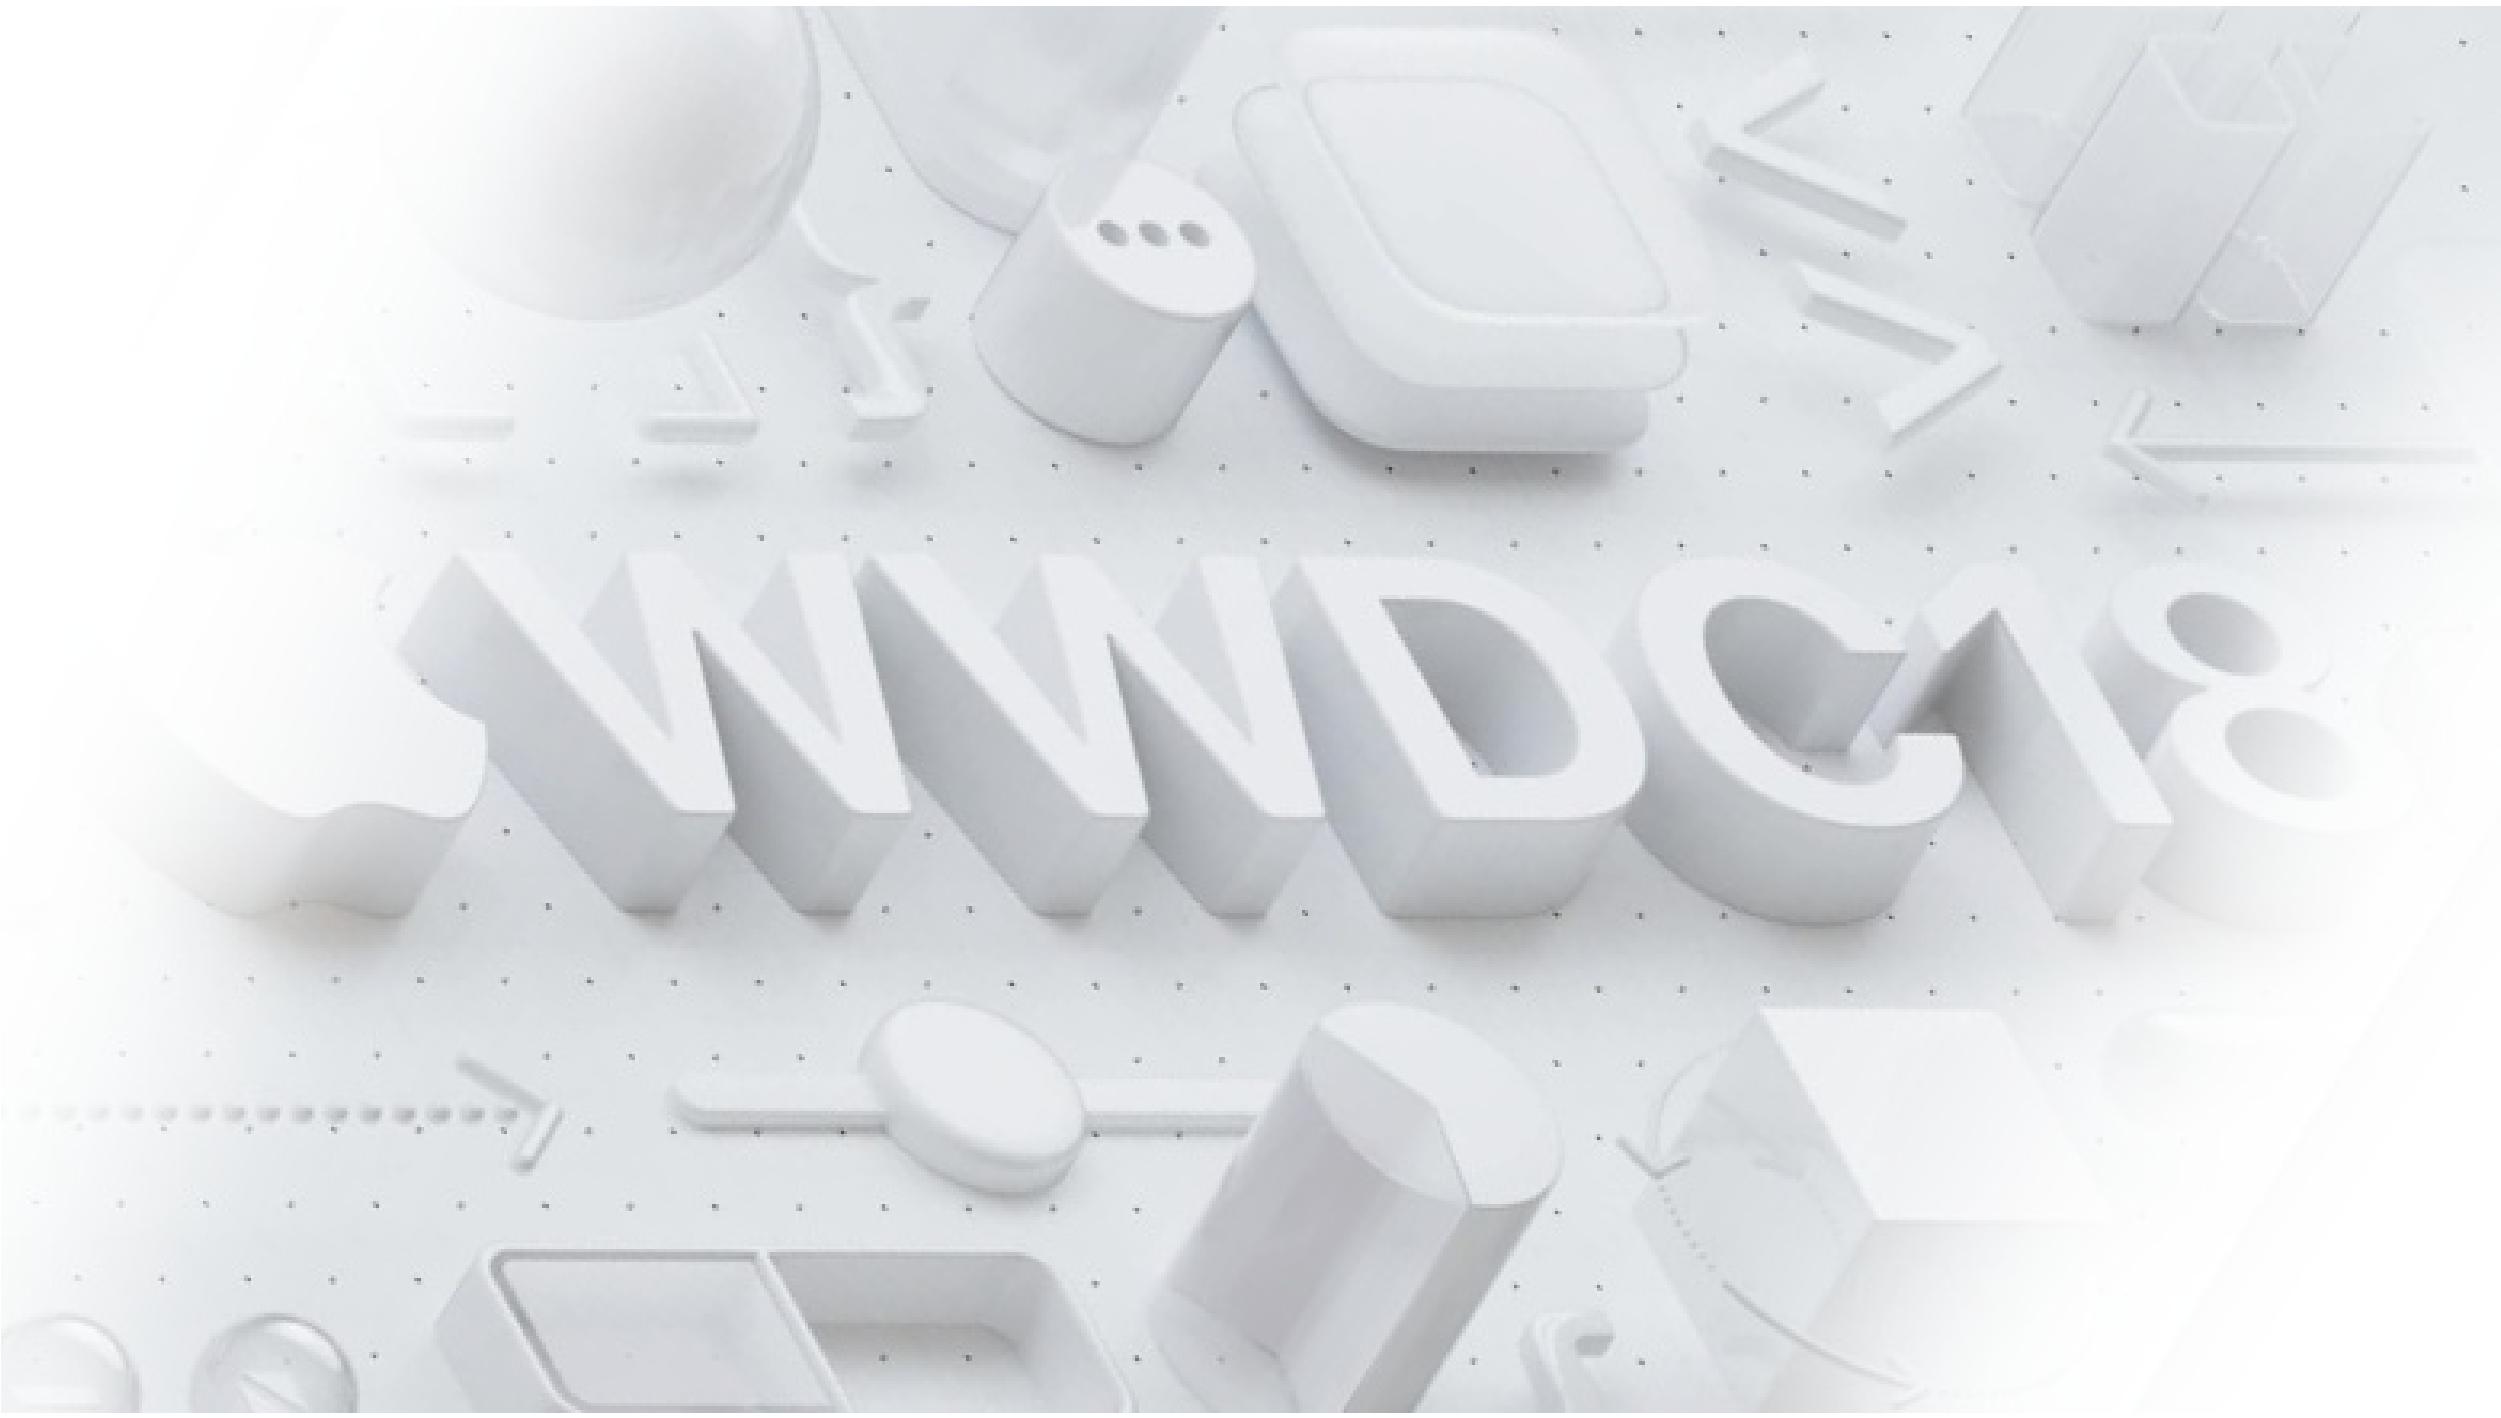 Просмотр WWDC 2018 в офисе Avito